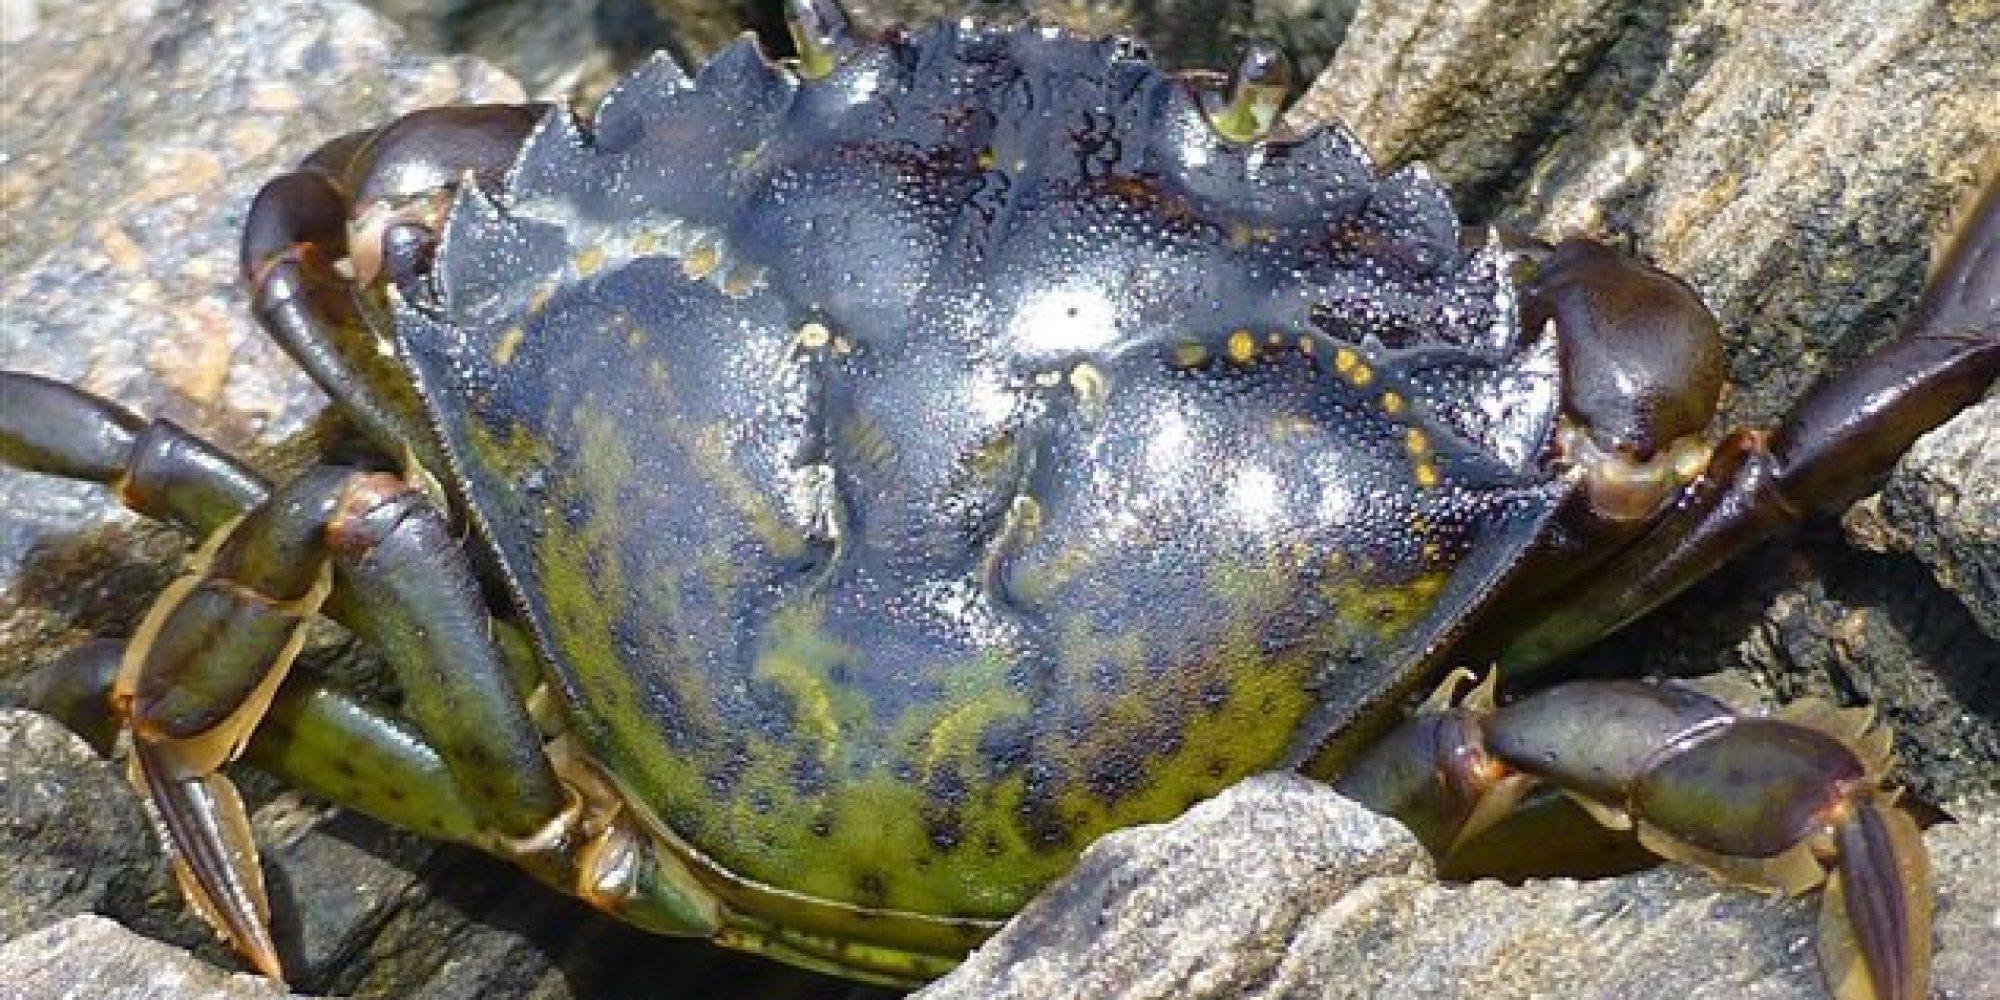 Cuisiner le crabe vert pour l 39 emp cher de prolif rer - Cuisiner les poivrons verts ...